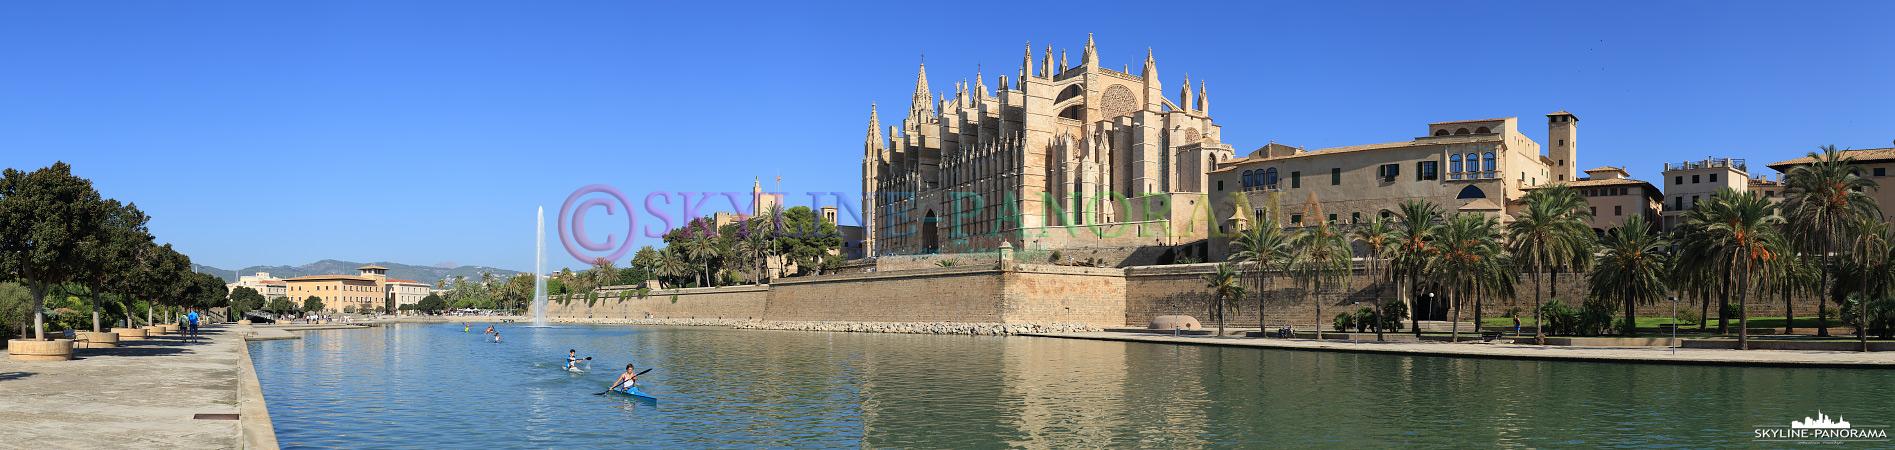 Panorama Bilder - Die Kathedrale von Palma de Mallorca ist das Wahrzeichen der Inselhauptstadt, dieses Panorama entstand am Tag, bei wolkenlosem Himmel.